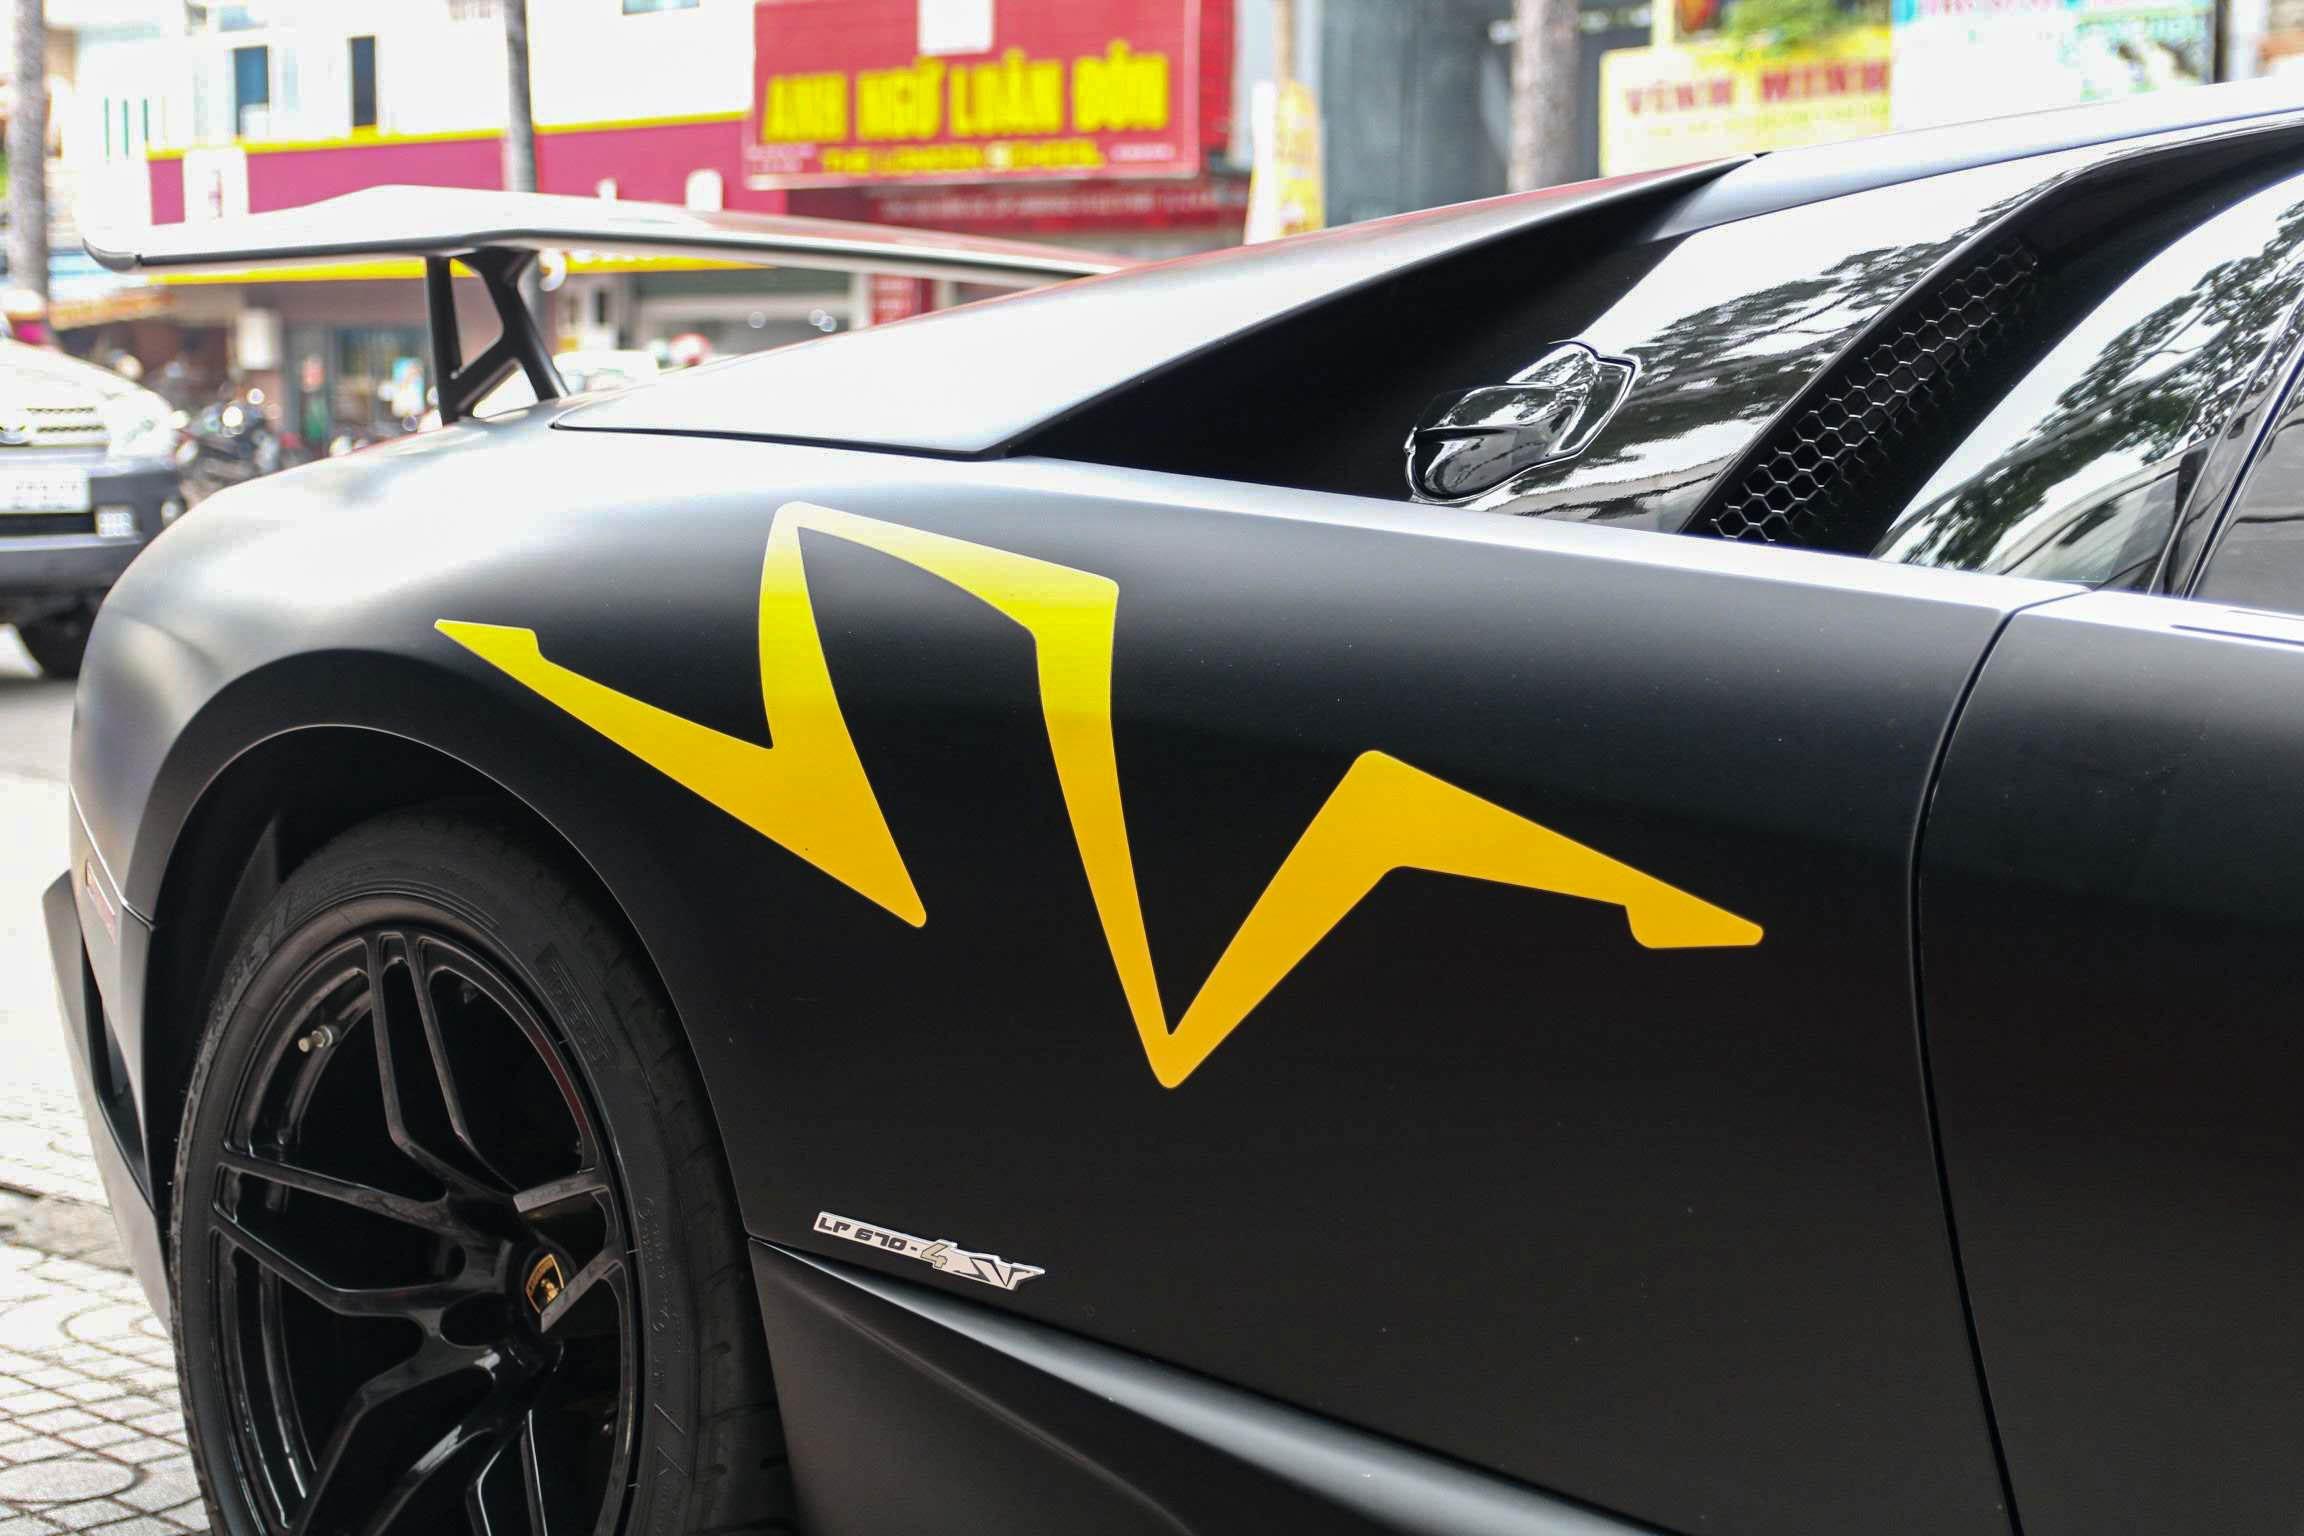 Lamborghini hang doc tai Viet Nam anh 4